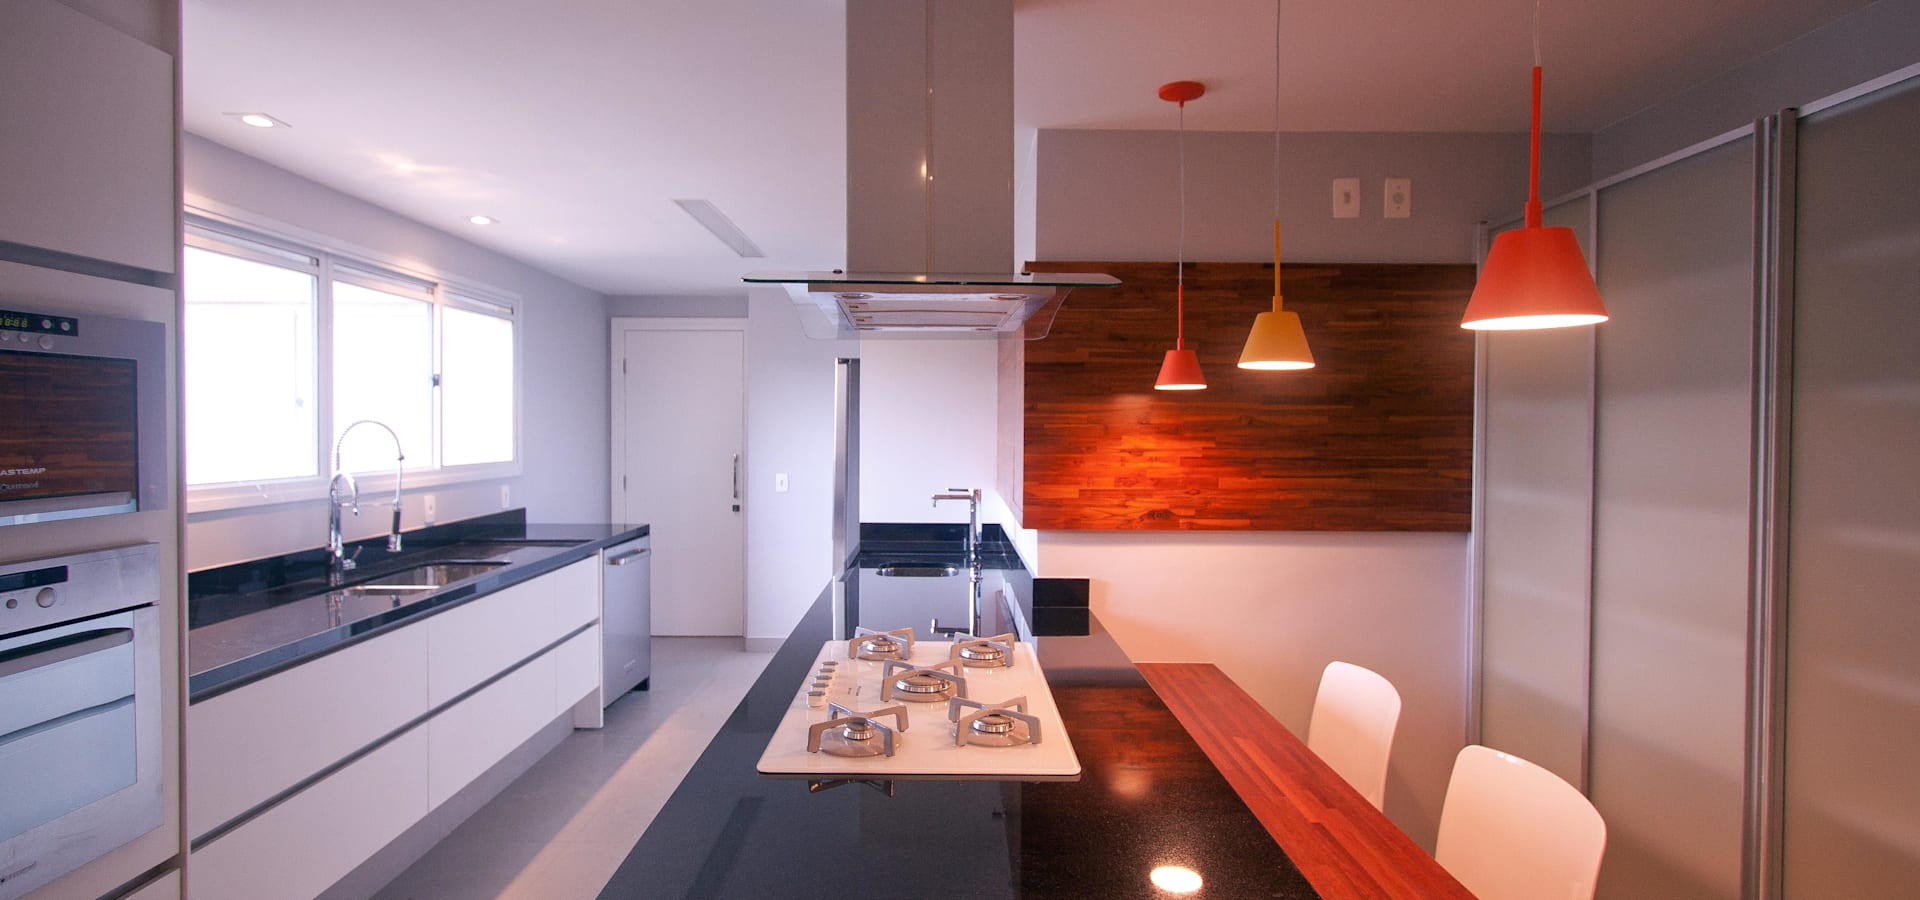 Apartamento Conceito Aberto Por Am Arquitetura E Interiores Homify -> Fotos De Cozinha Conceito Aberto